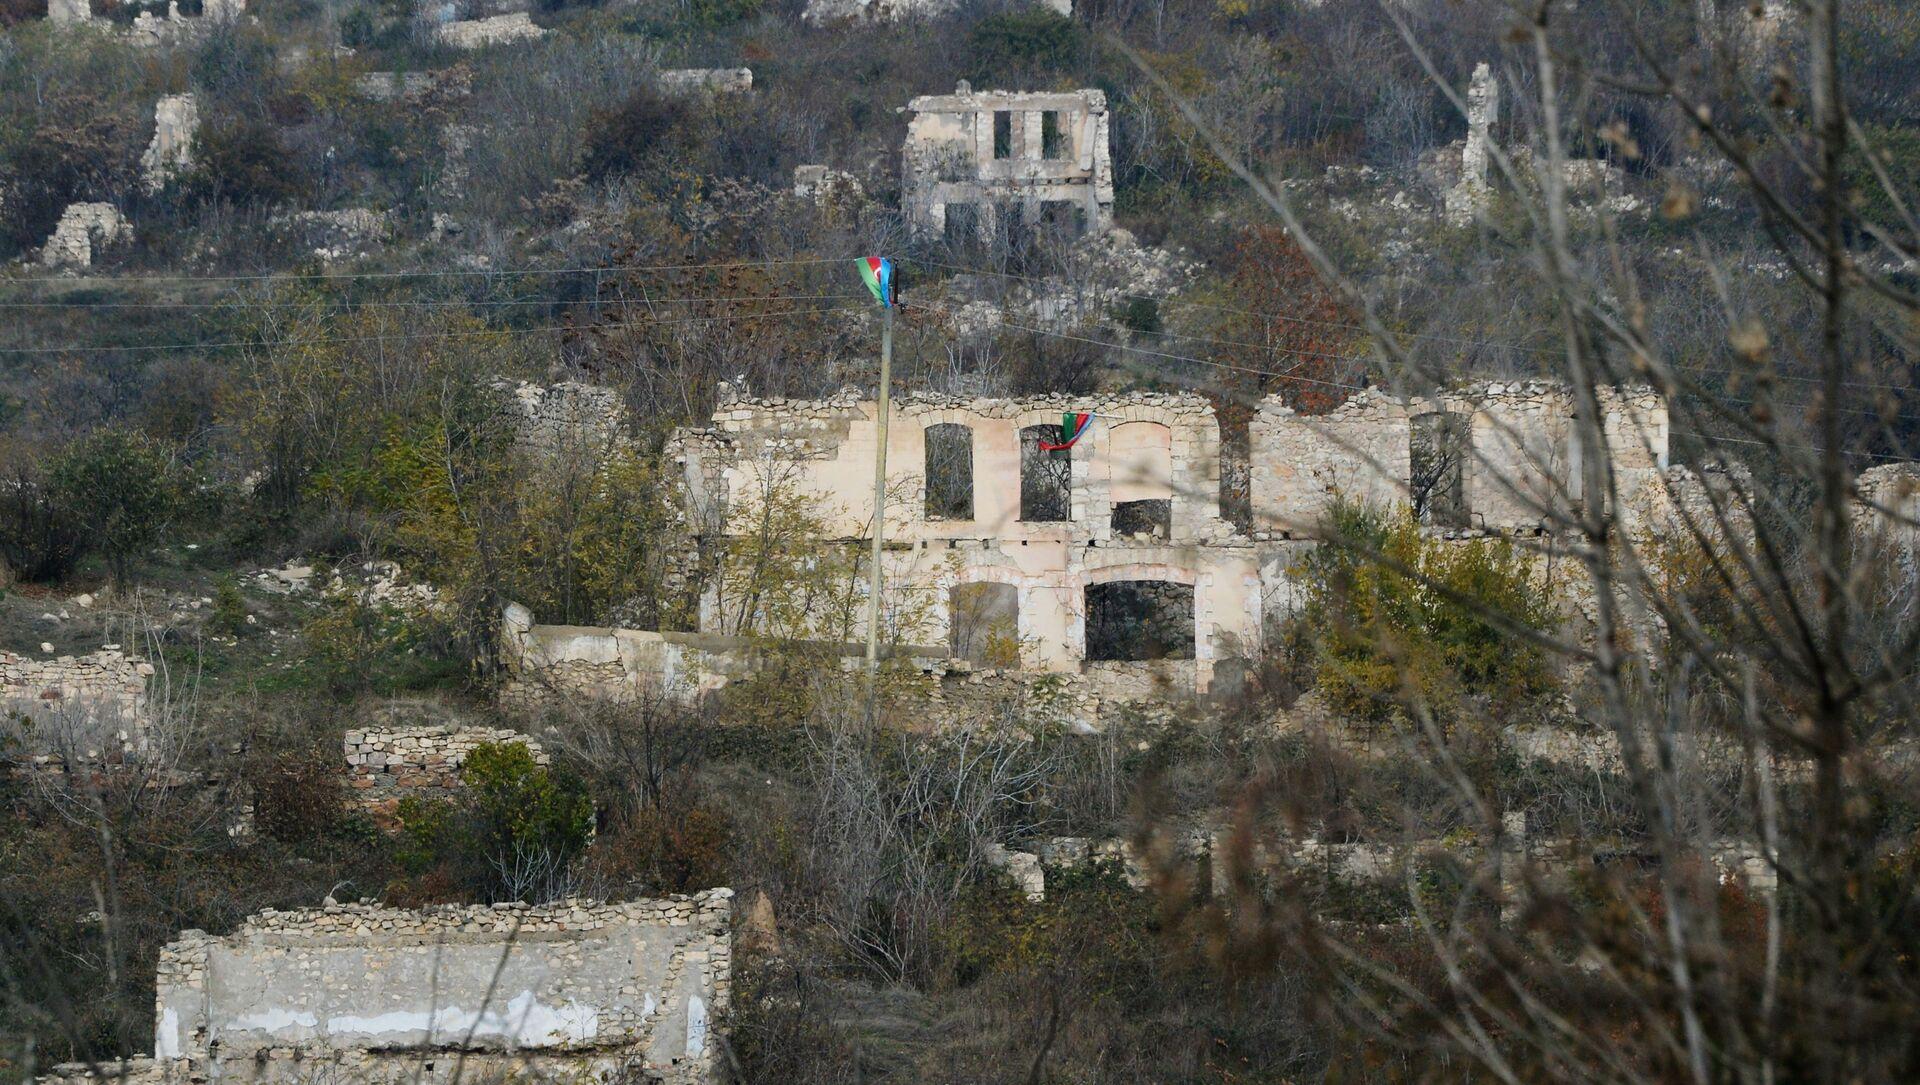 Füzulidə dağıdılmış binalar - Sputnik Азербайджан, 1920, 27.07.2021